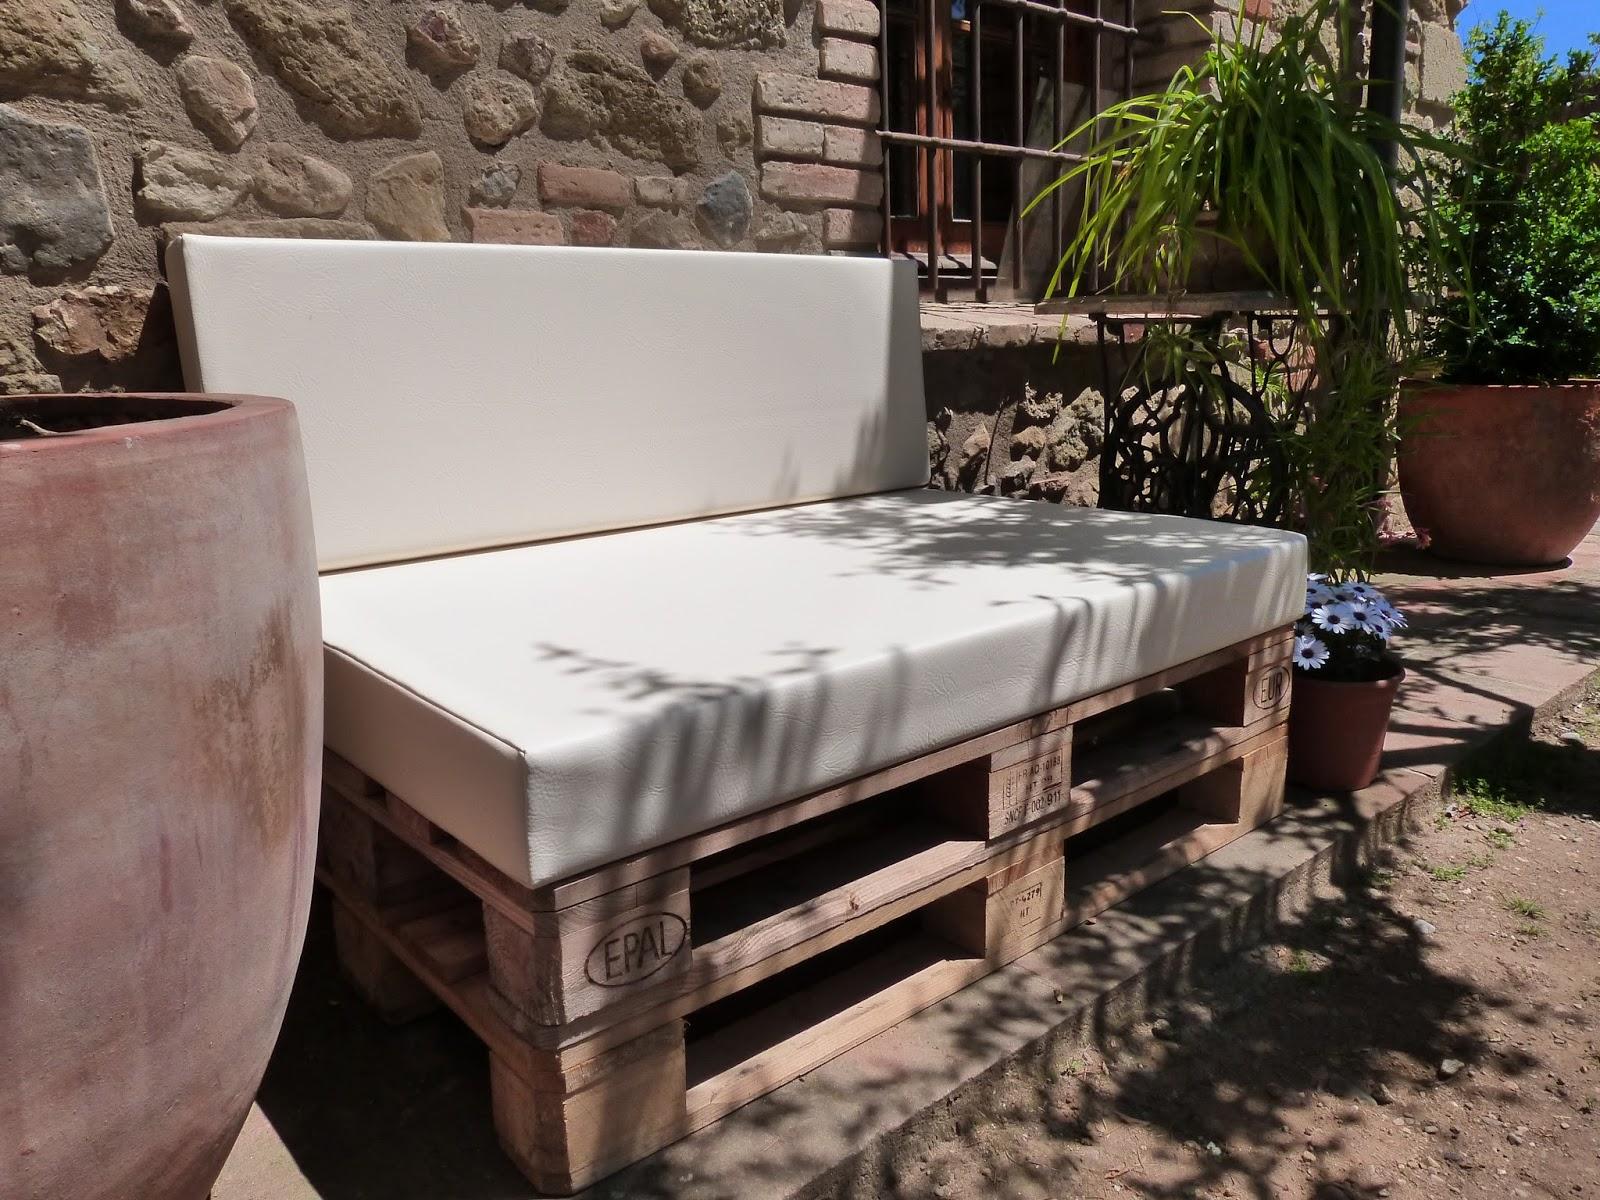 Chill outs y muebles con palets for Sillones para exteriores precios